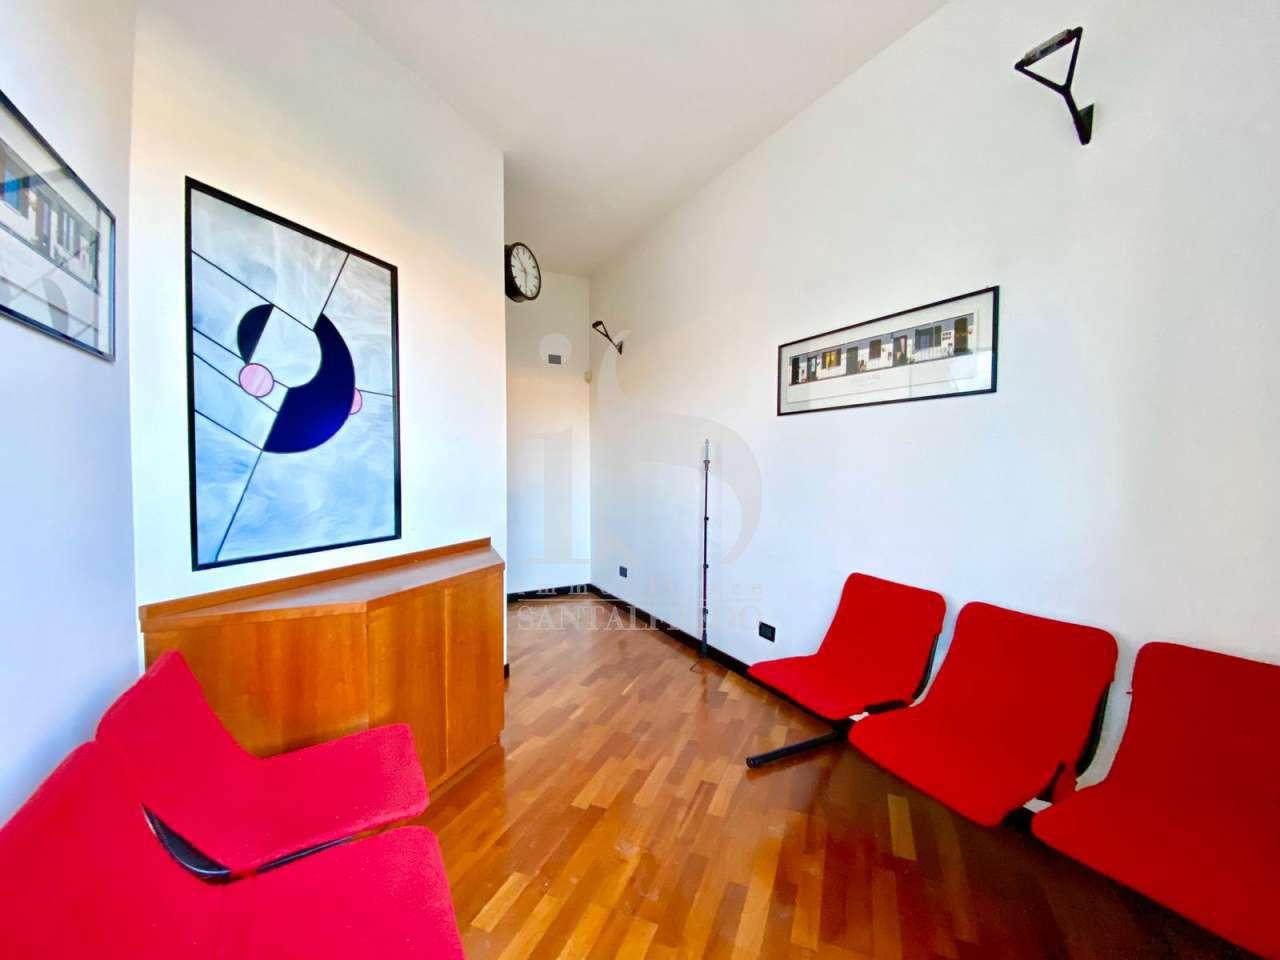 Ufficio AGRATE BRIANZA HOME 934_3